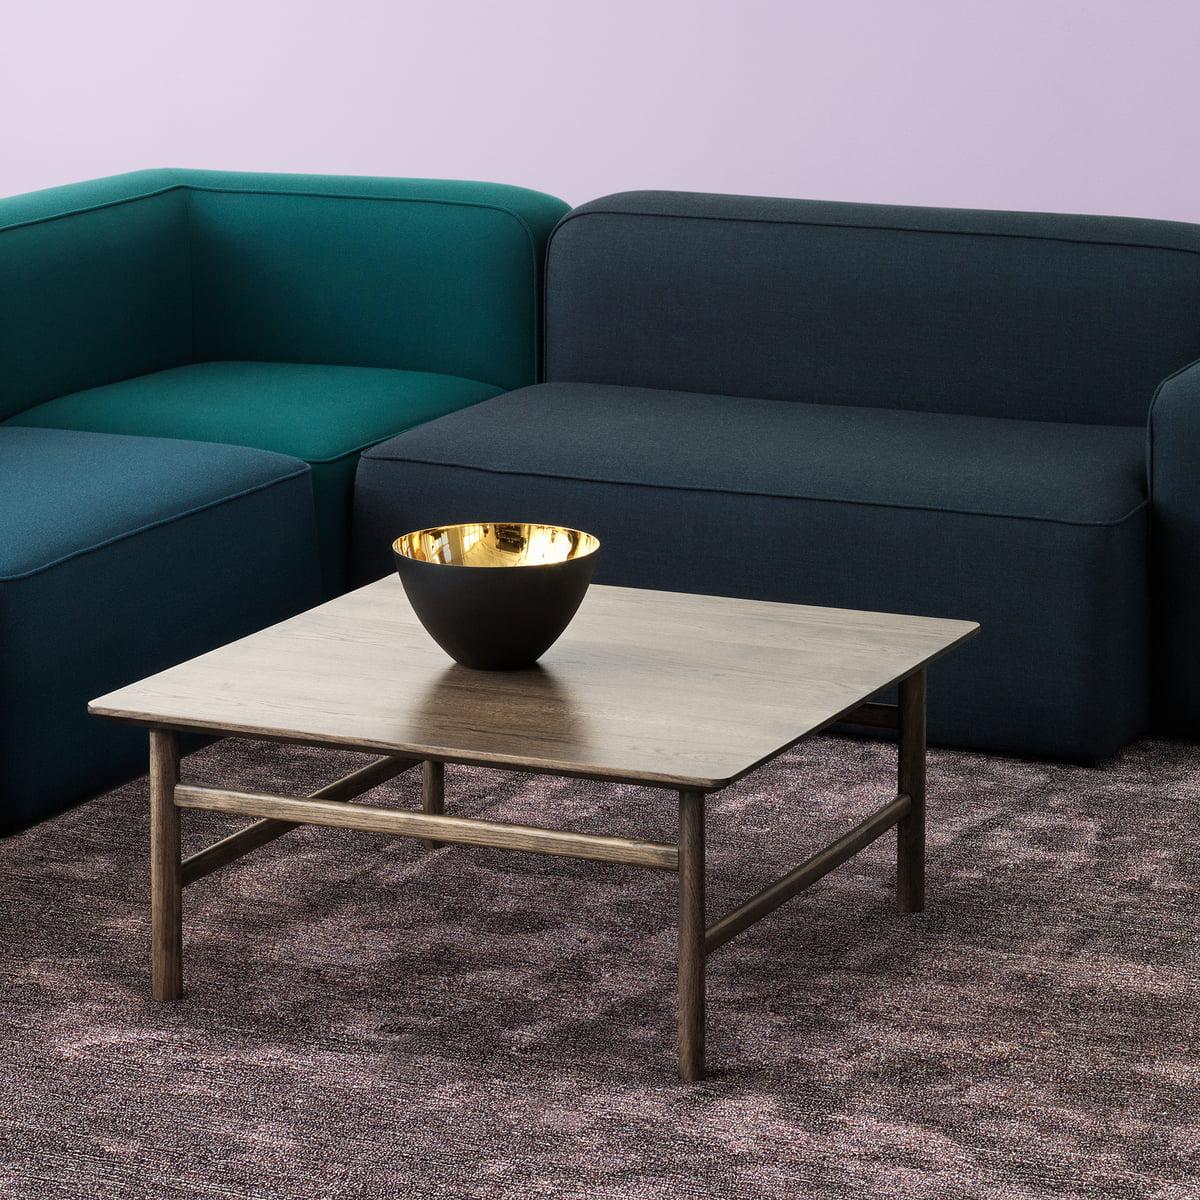 couchtisch 80 x 80 cm unglaublich couchtisch x wei fotos with couchtisch 80 x 80 cm good. Black Bedroom Furniture Sets. Home Design Ideas